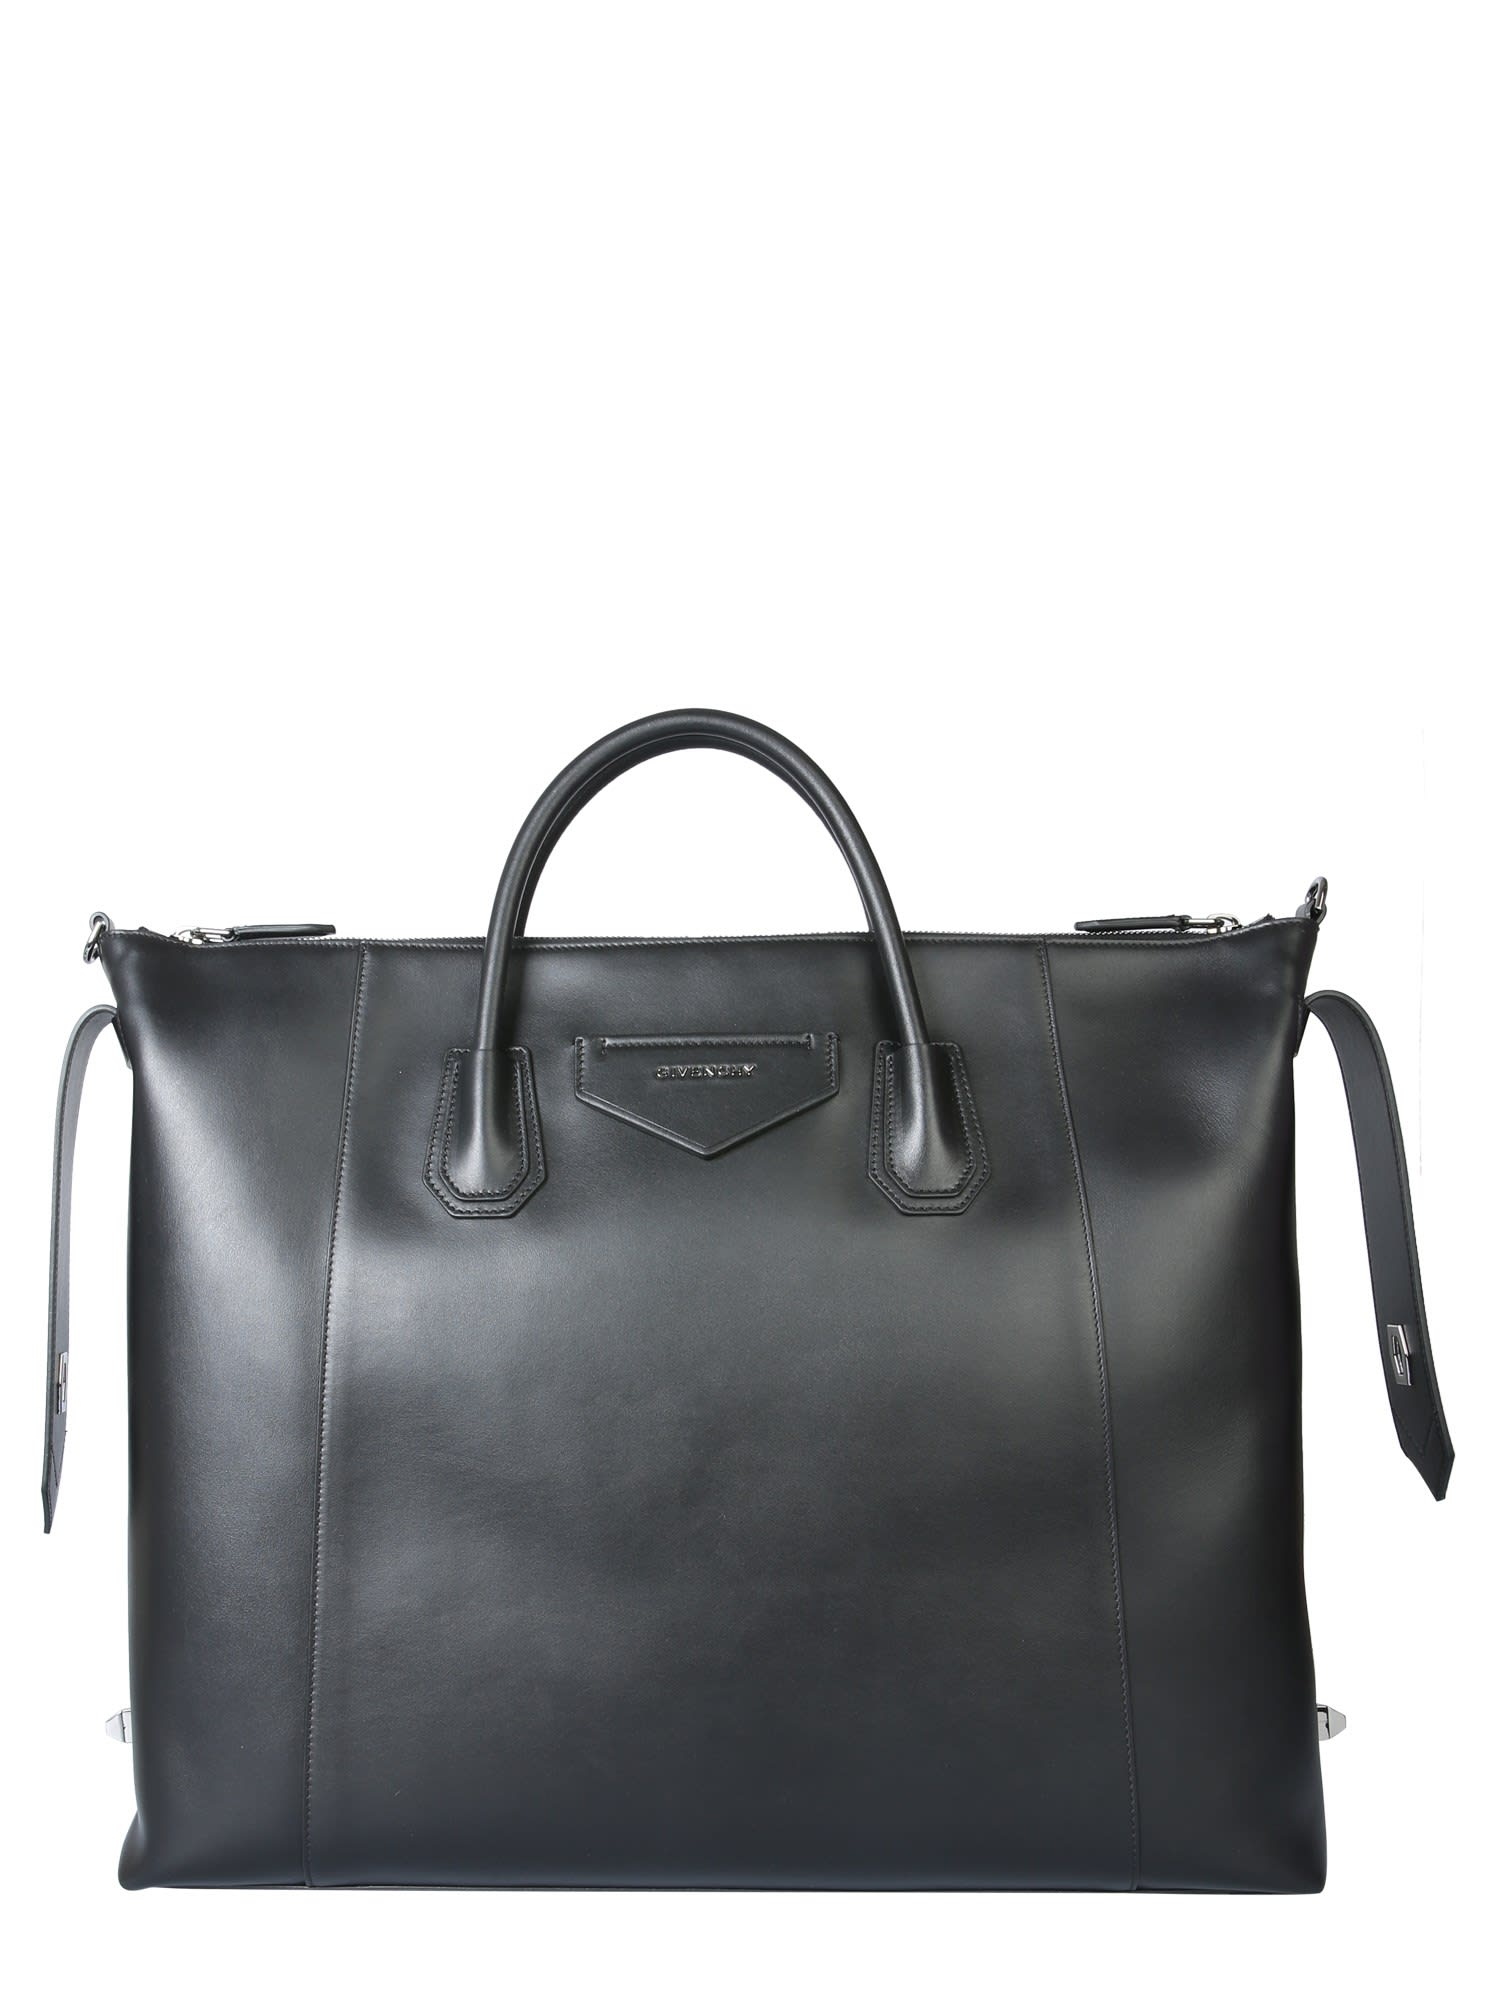 Givenchy Medium Soft Antigona Bag